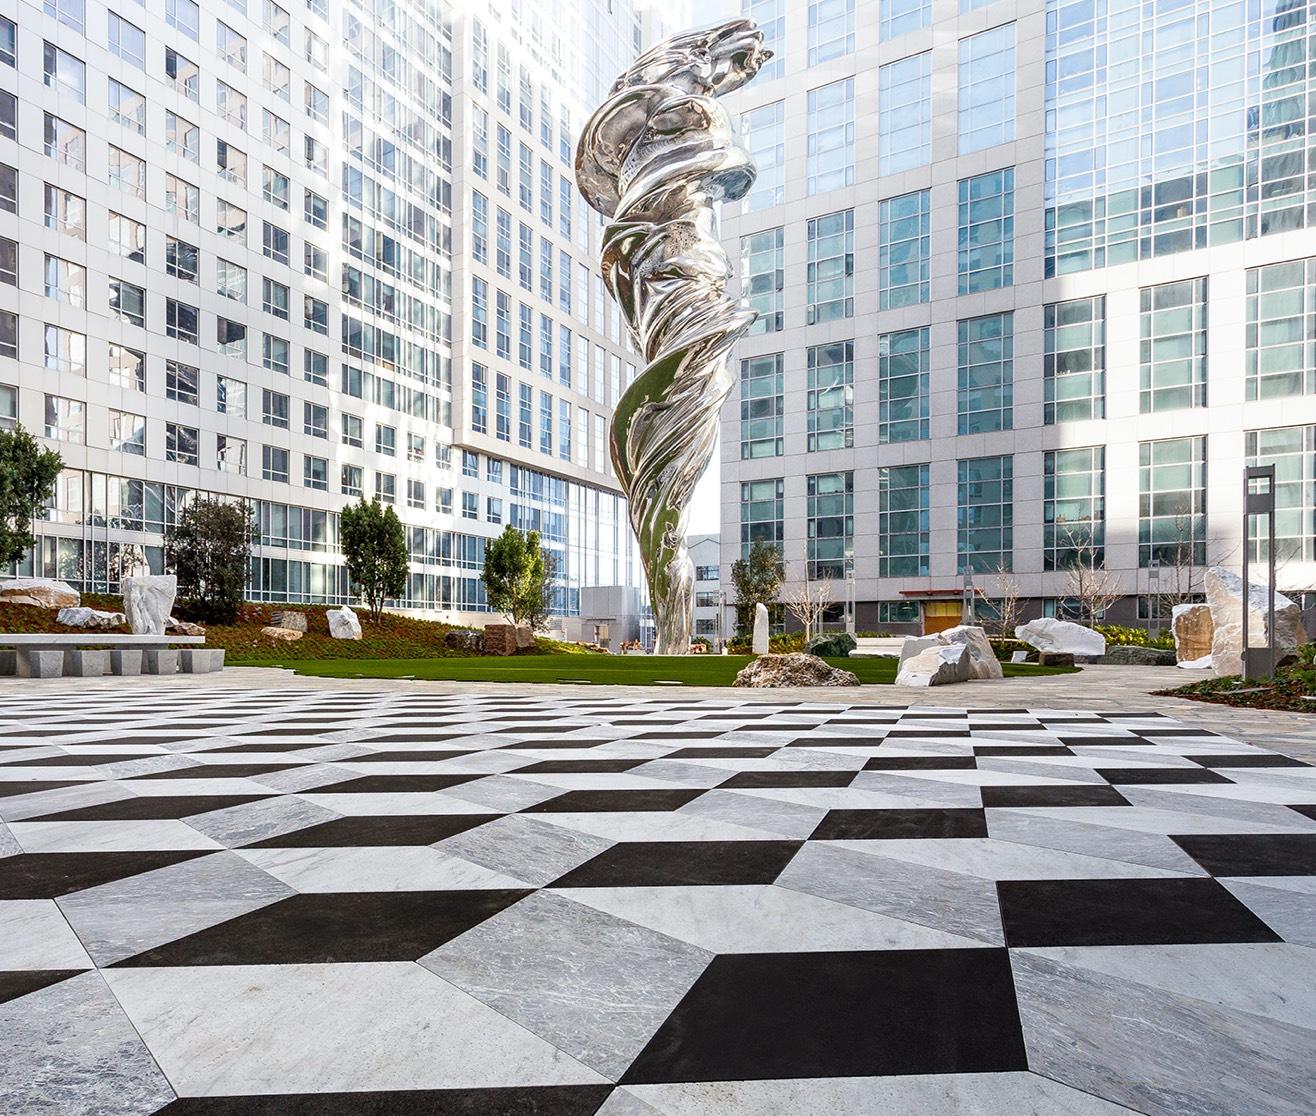 Trinity Place Outside with Venus de Milo Sculpture